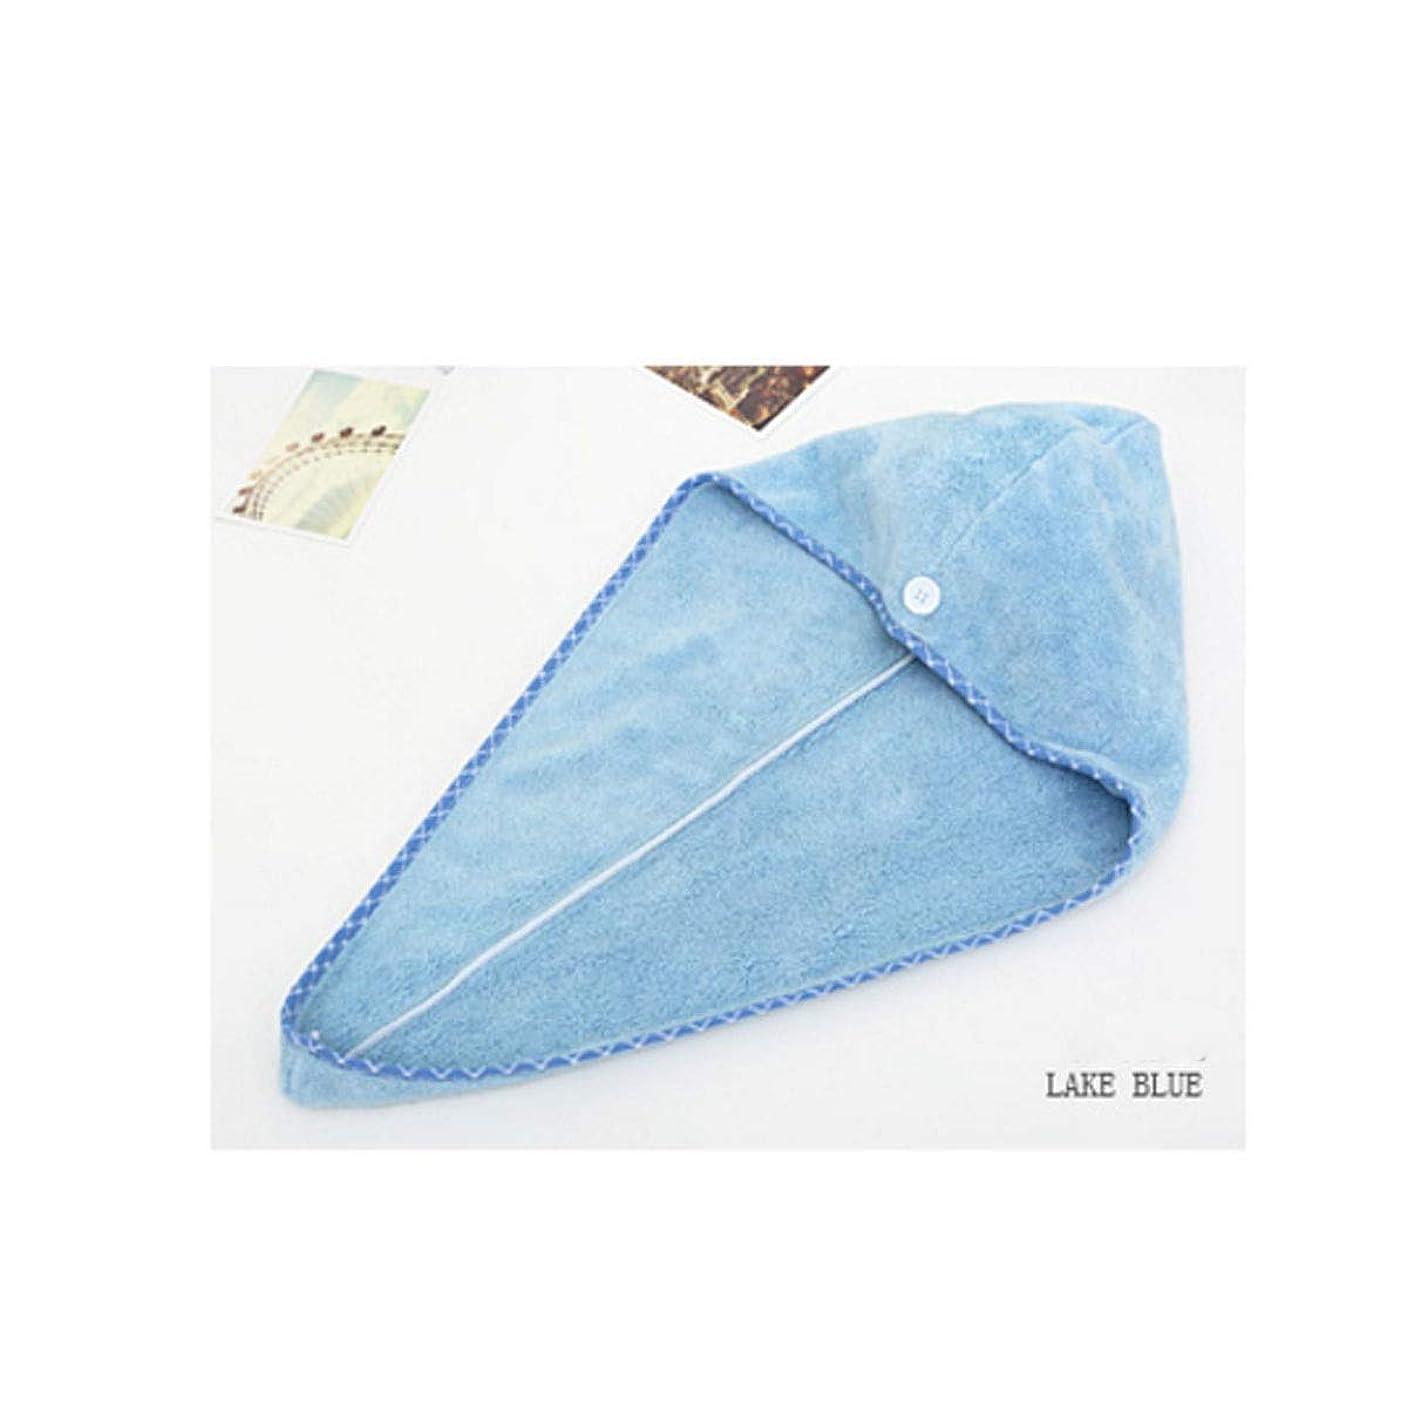 におい電子レンジスポーツXIONGHAIZI シャワーキャップ、乾いた髪のキャップの女性、吸収性と速乾性のヘアタオル、包頭、ロングヘアかわいいシャワーキャップ、63 * 25 cm(平らにされた) (Color : Sky blue)